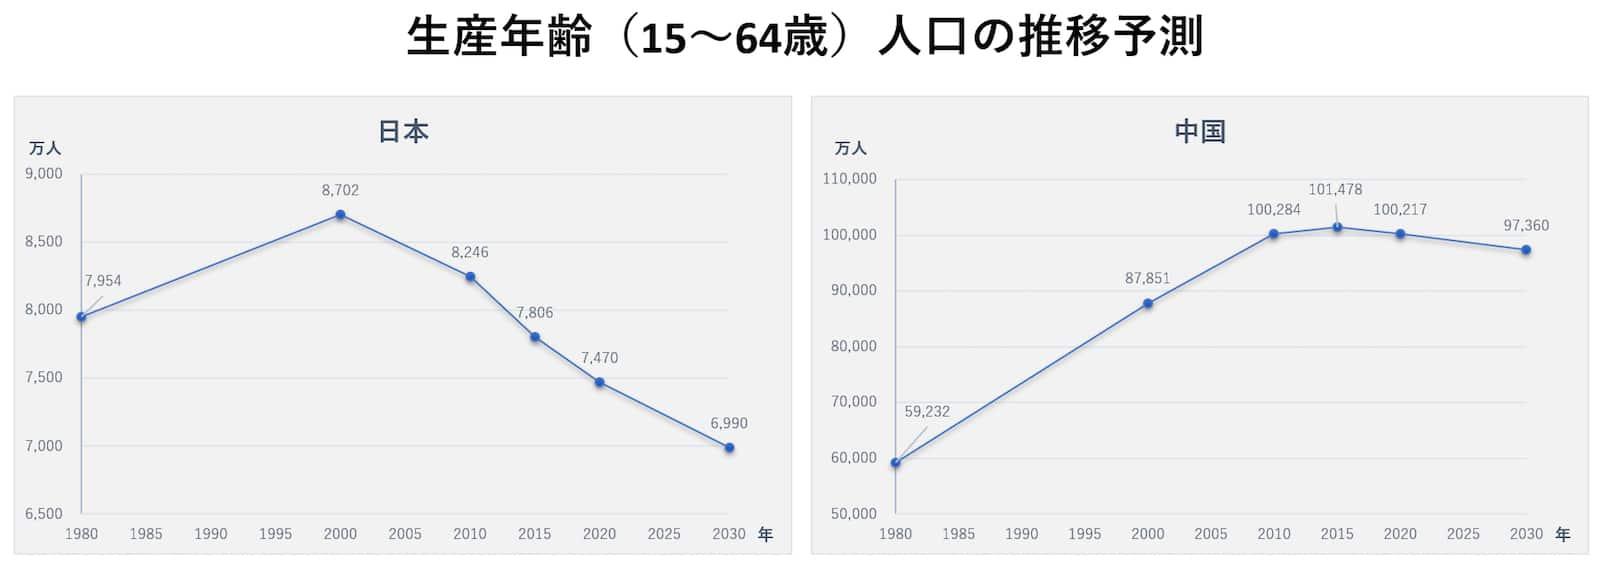 生産年齢(15〜64歳)人口の推移予測(左:日本、右:中国)